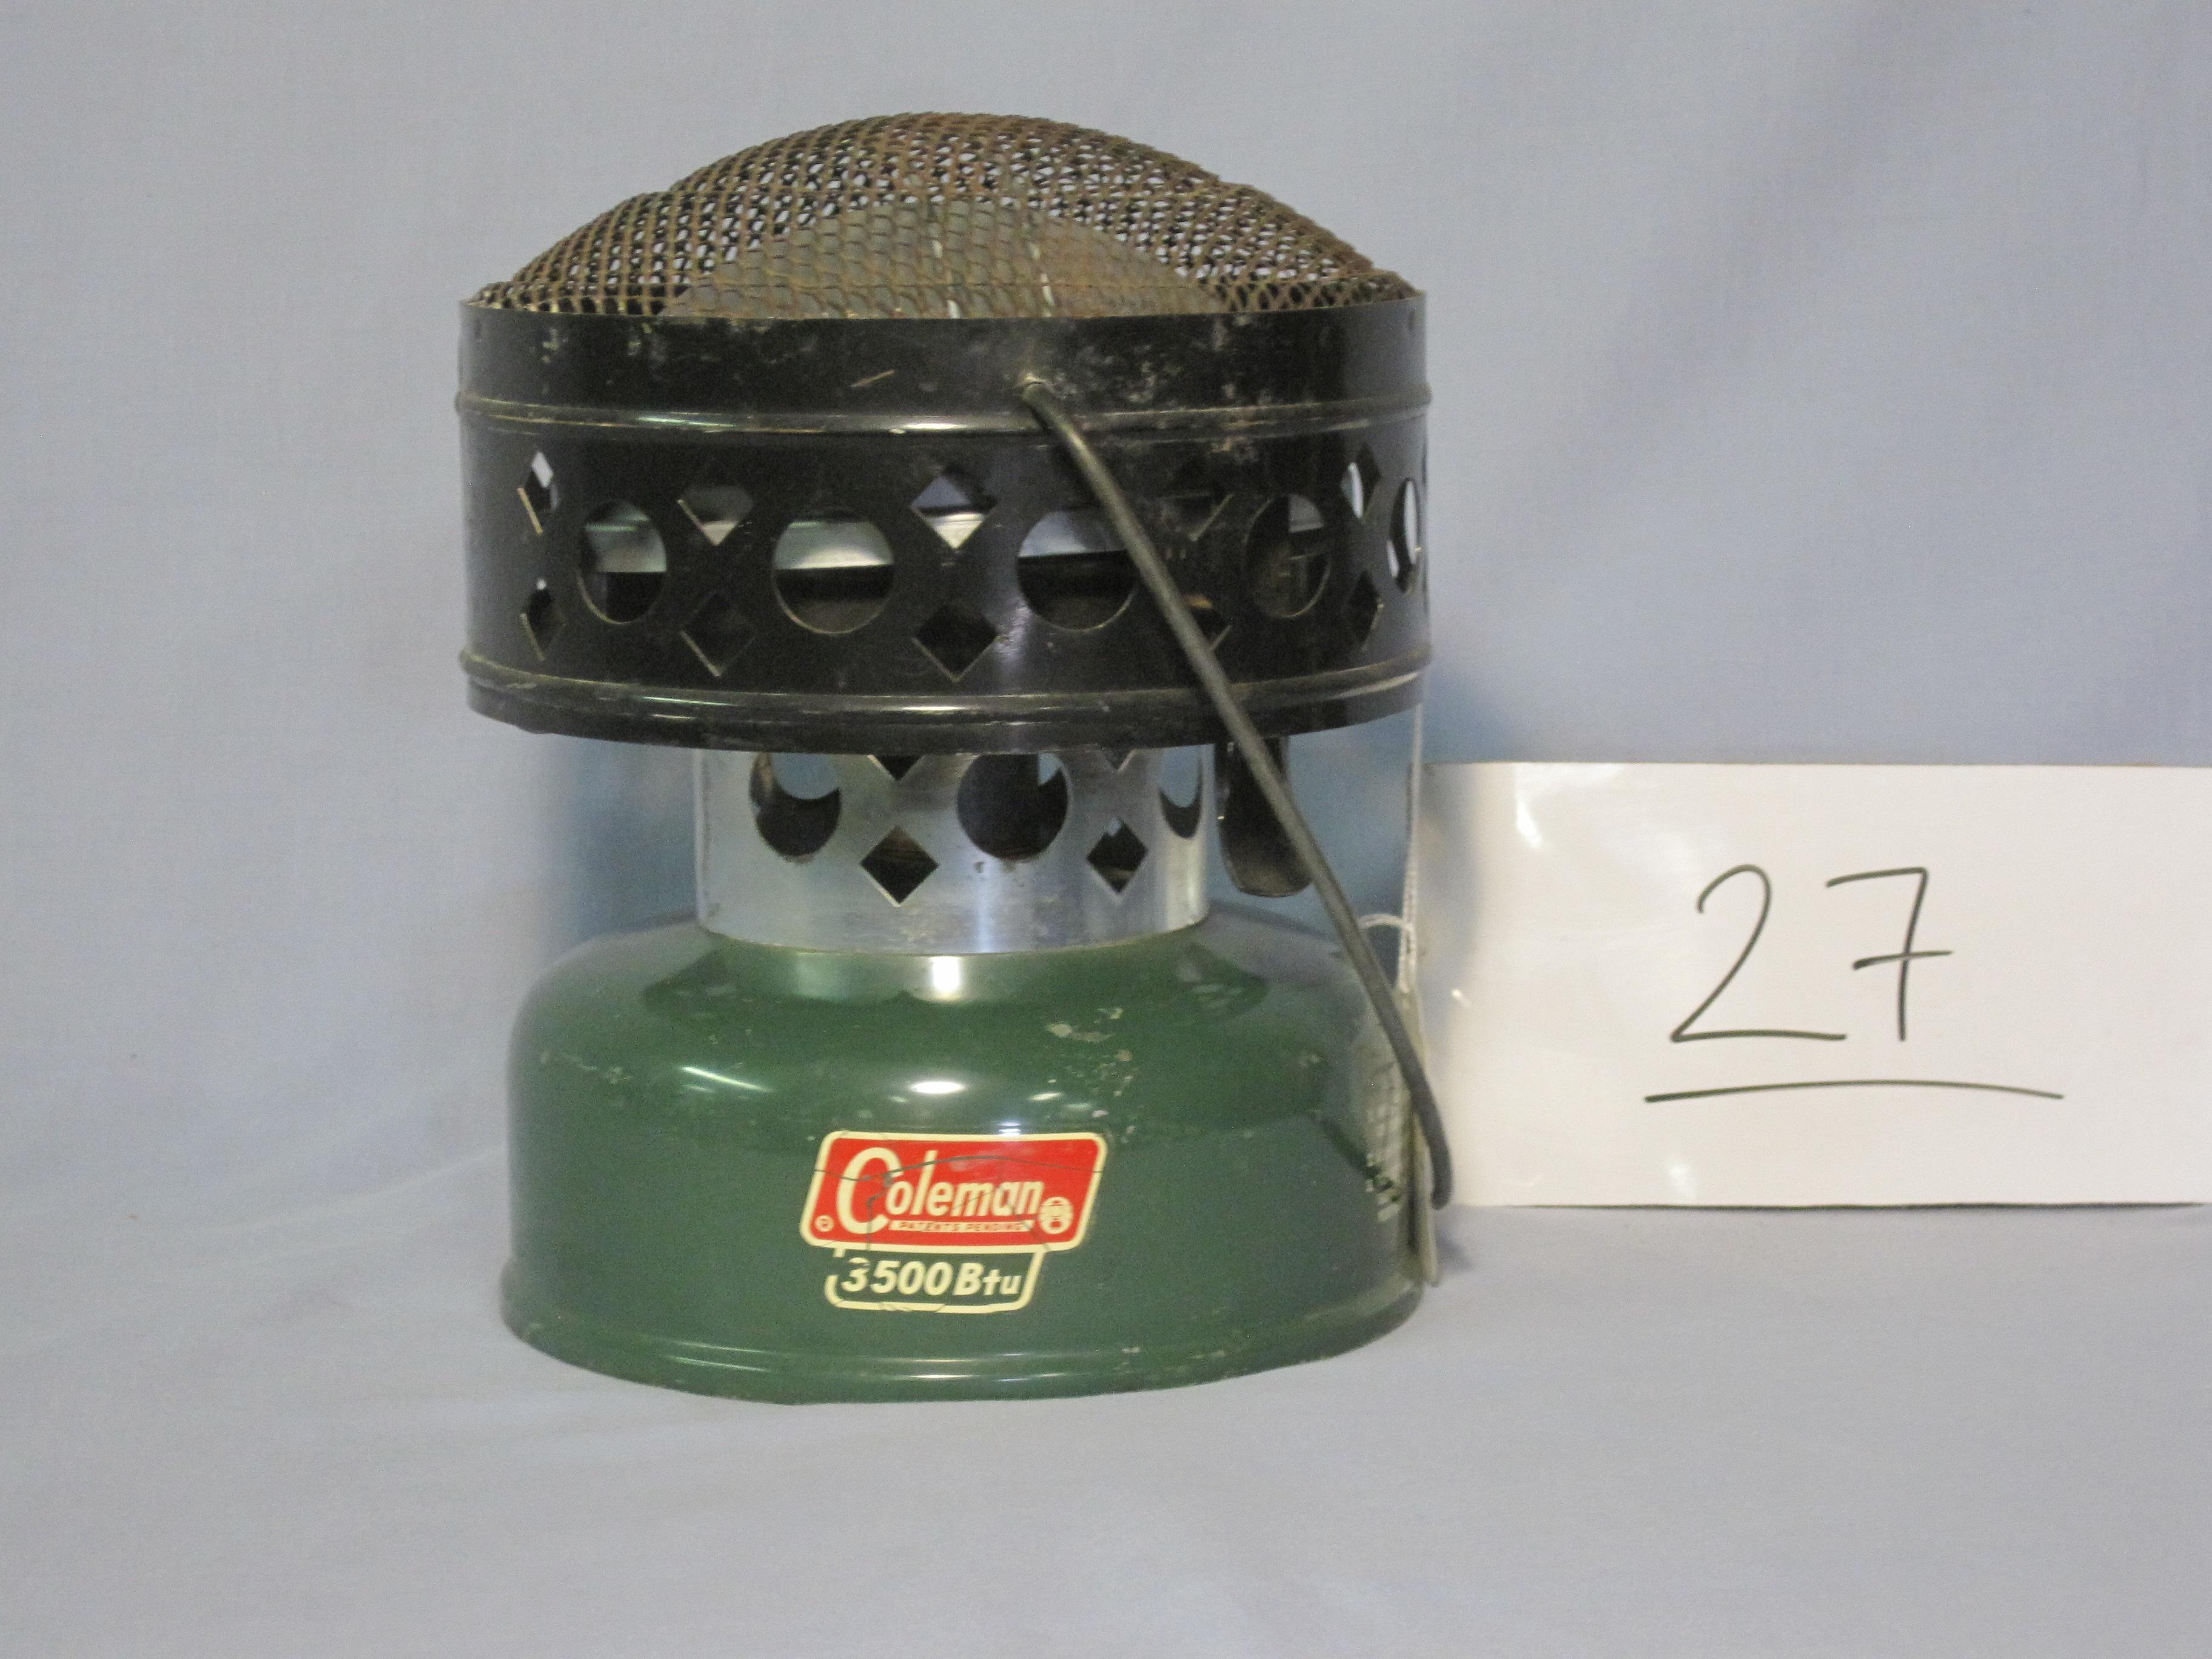 Coleman catalytic heater 512